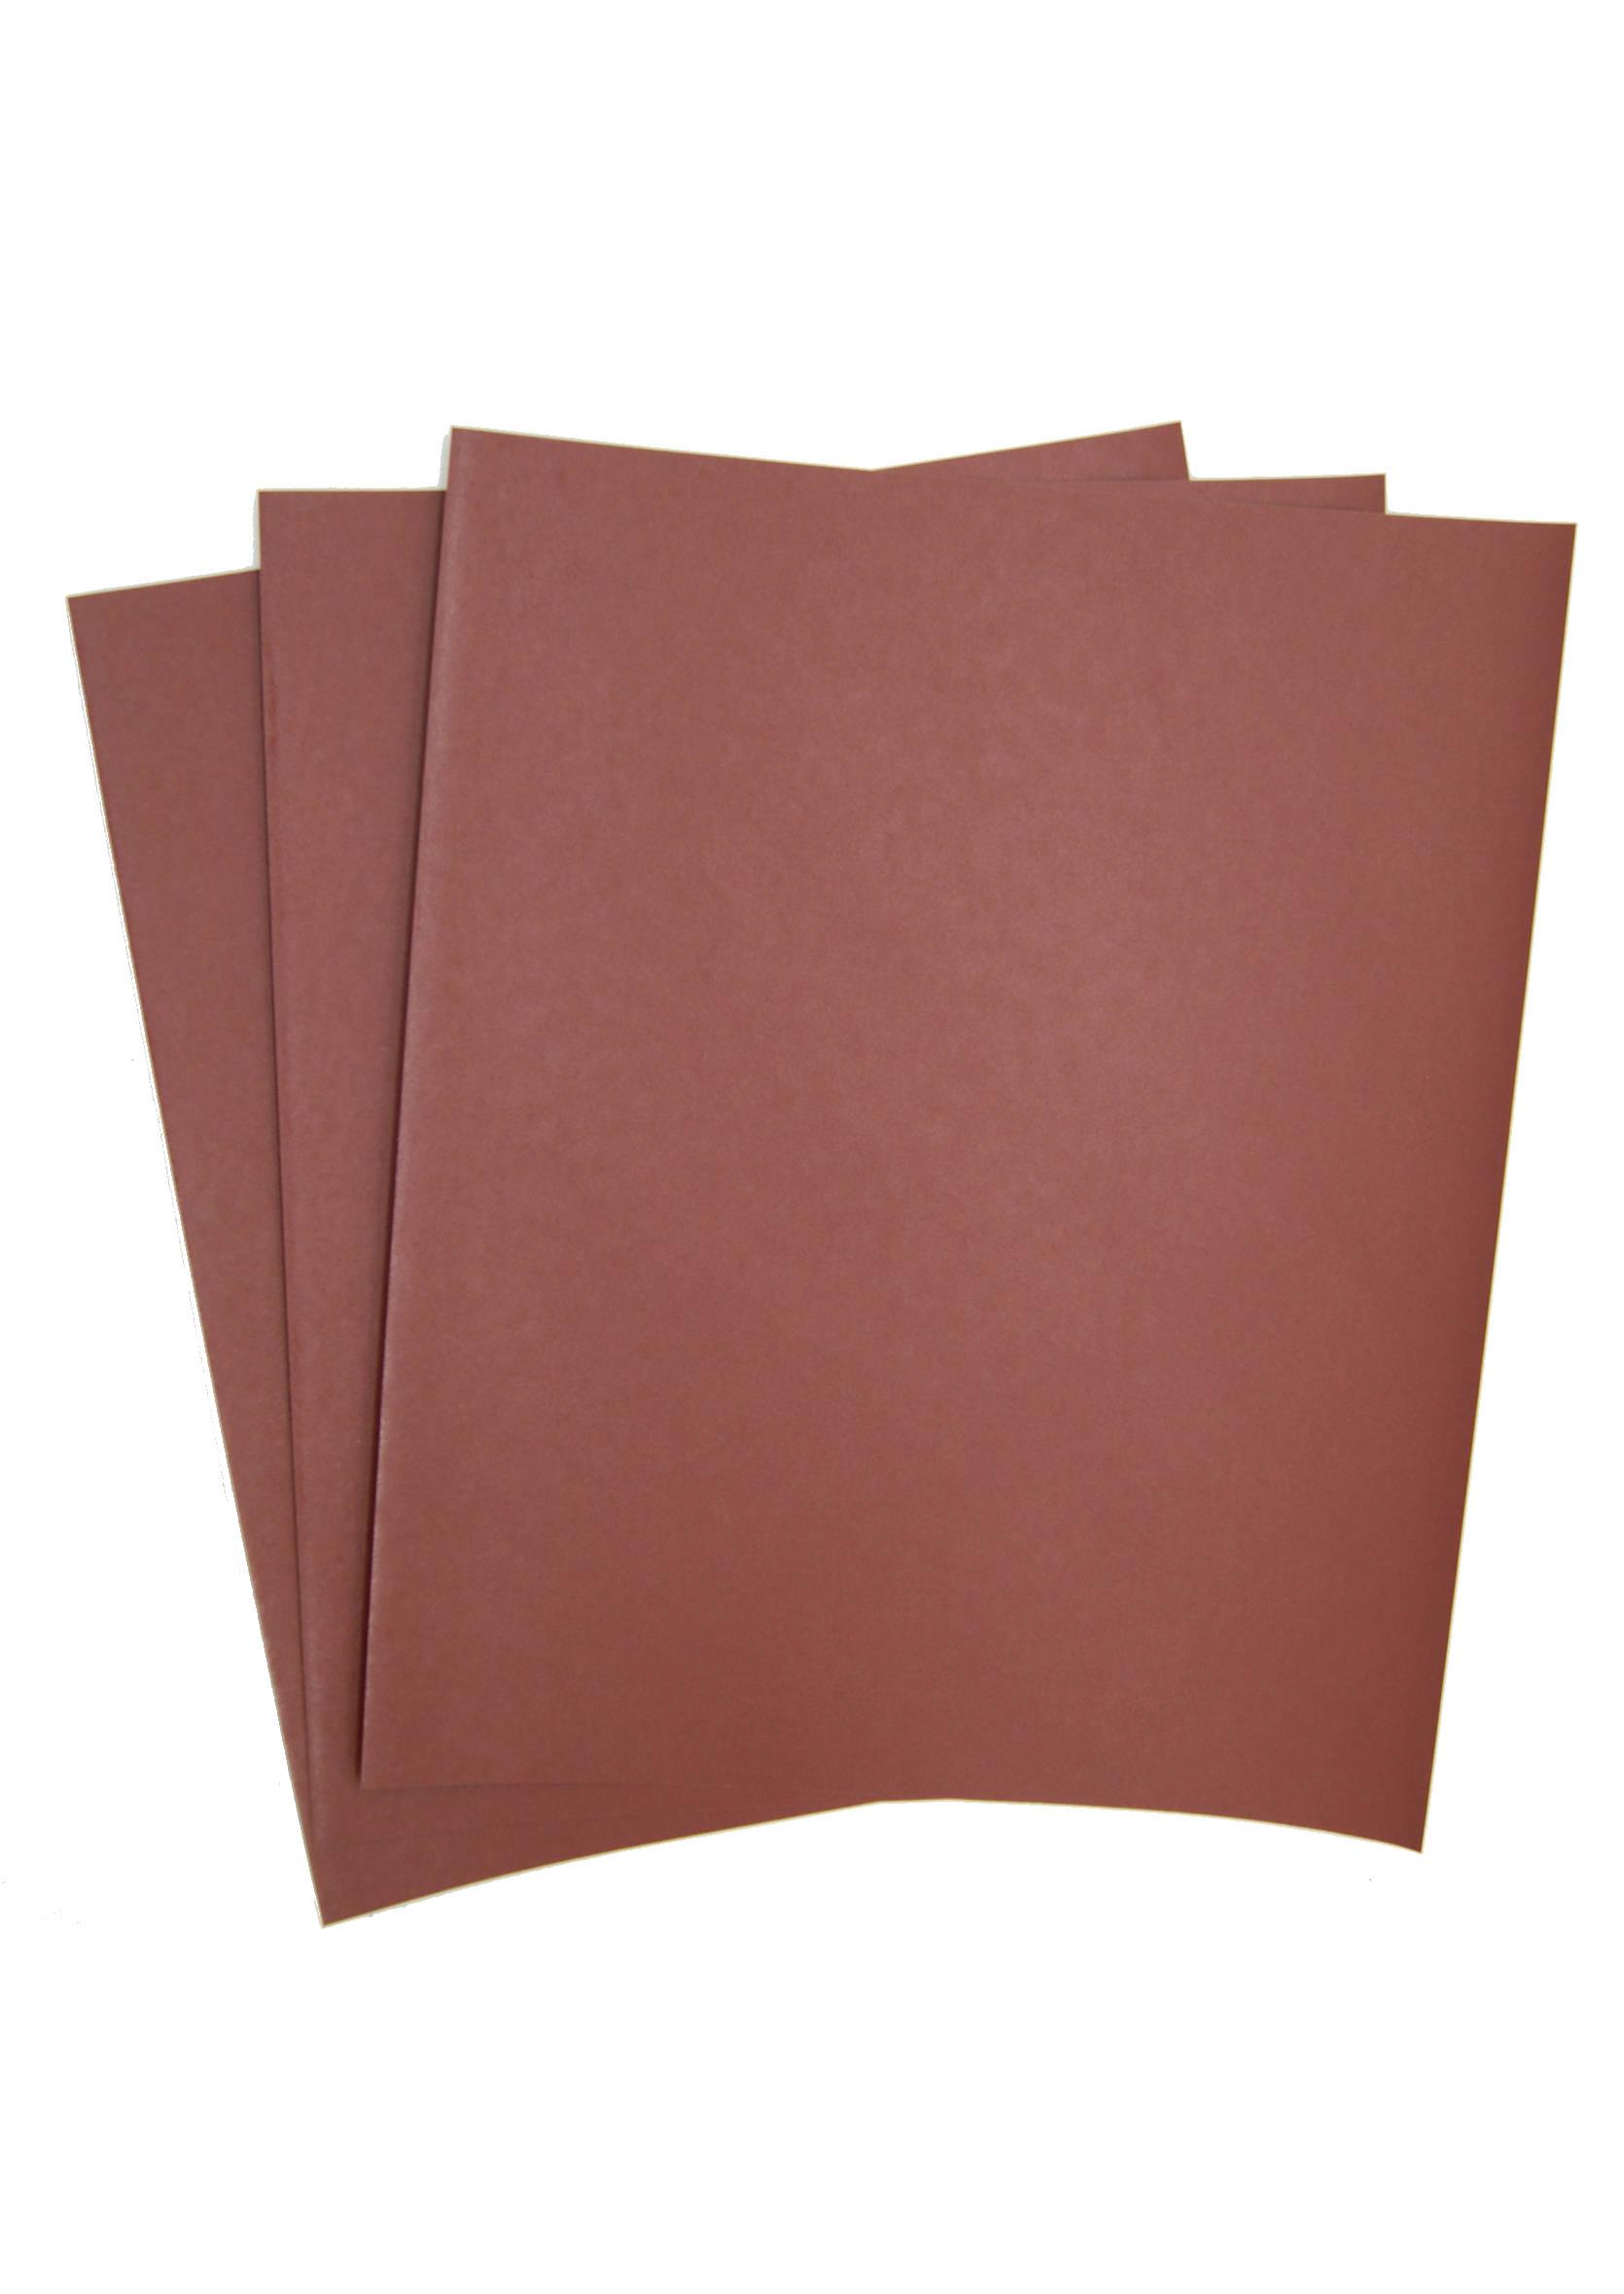 Indasa Rhynowet Sheet Red Line P2500 Papier Ścierny Wodny 230x280mm 1szt.